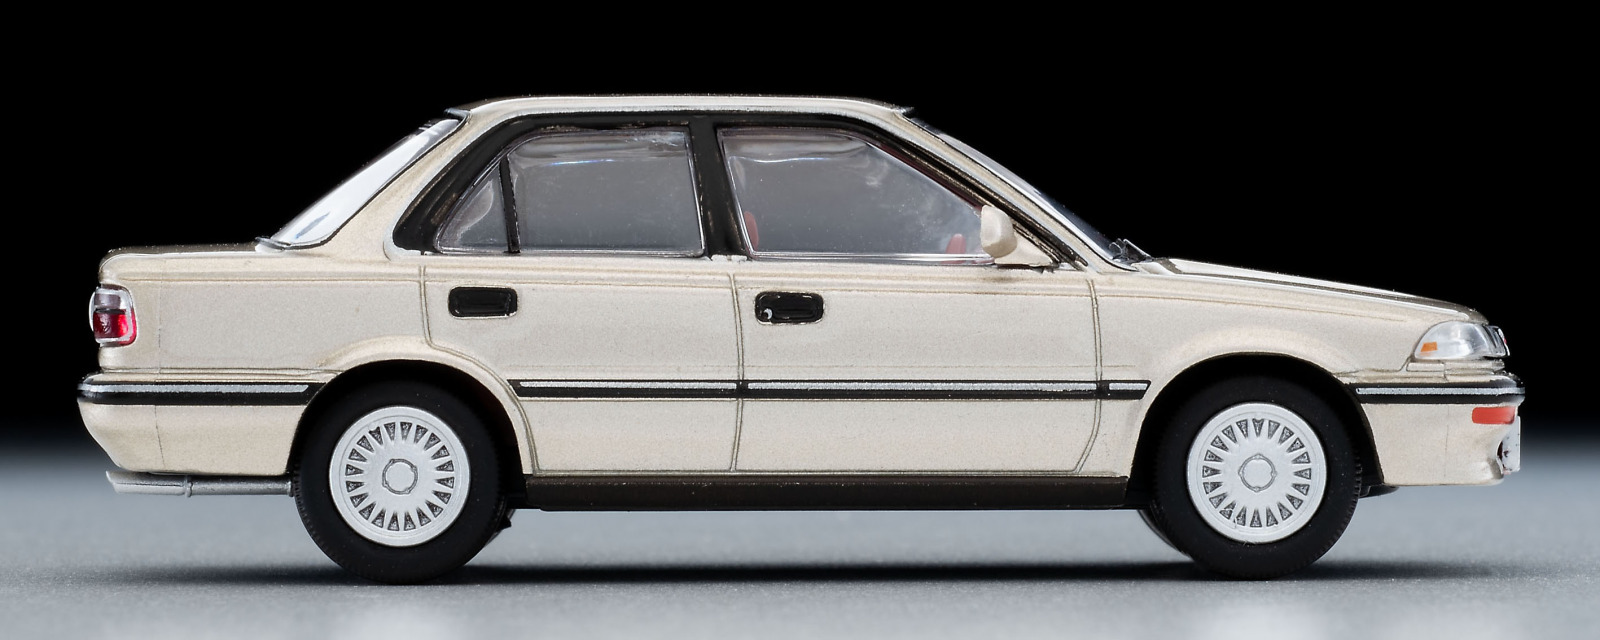 「史上最高の販売台数6代目カローラの「1500SEリミテッド」がトミカLV-NEOに新登場【ミニカー新製品情報】」の6枚目の画像